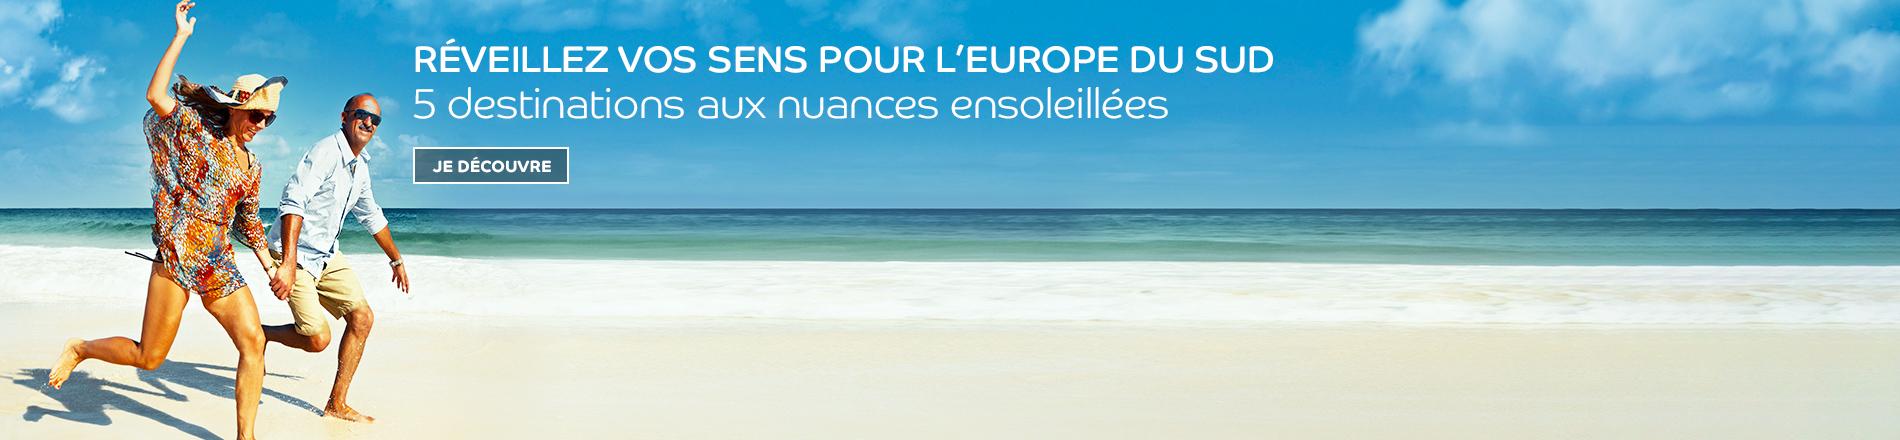 Cet été partez en Europe du Sud